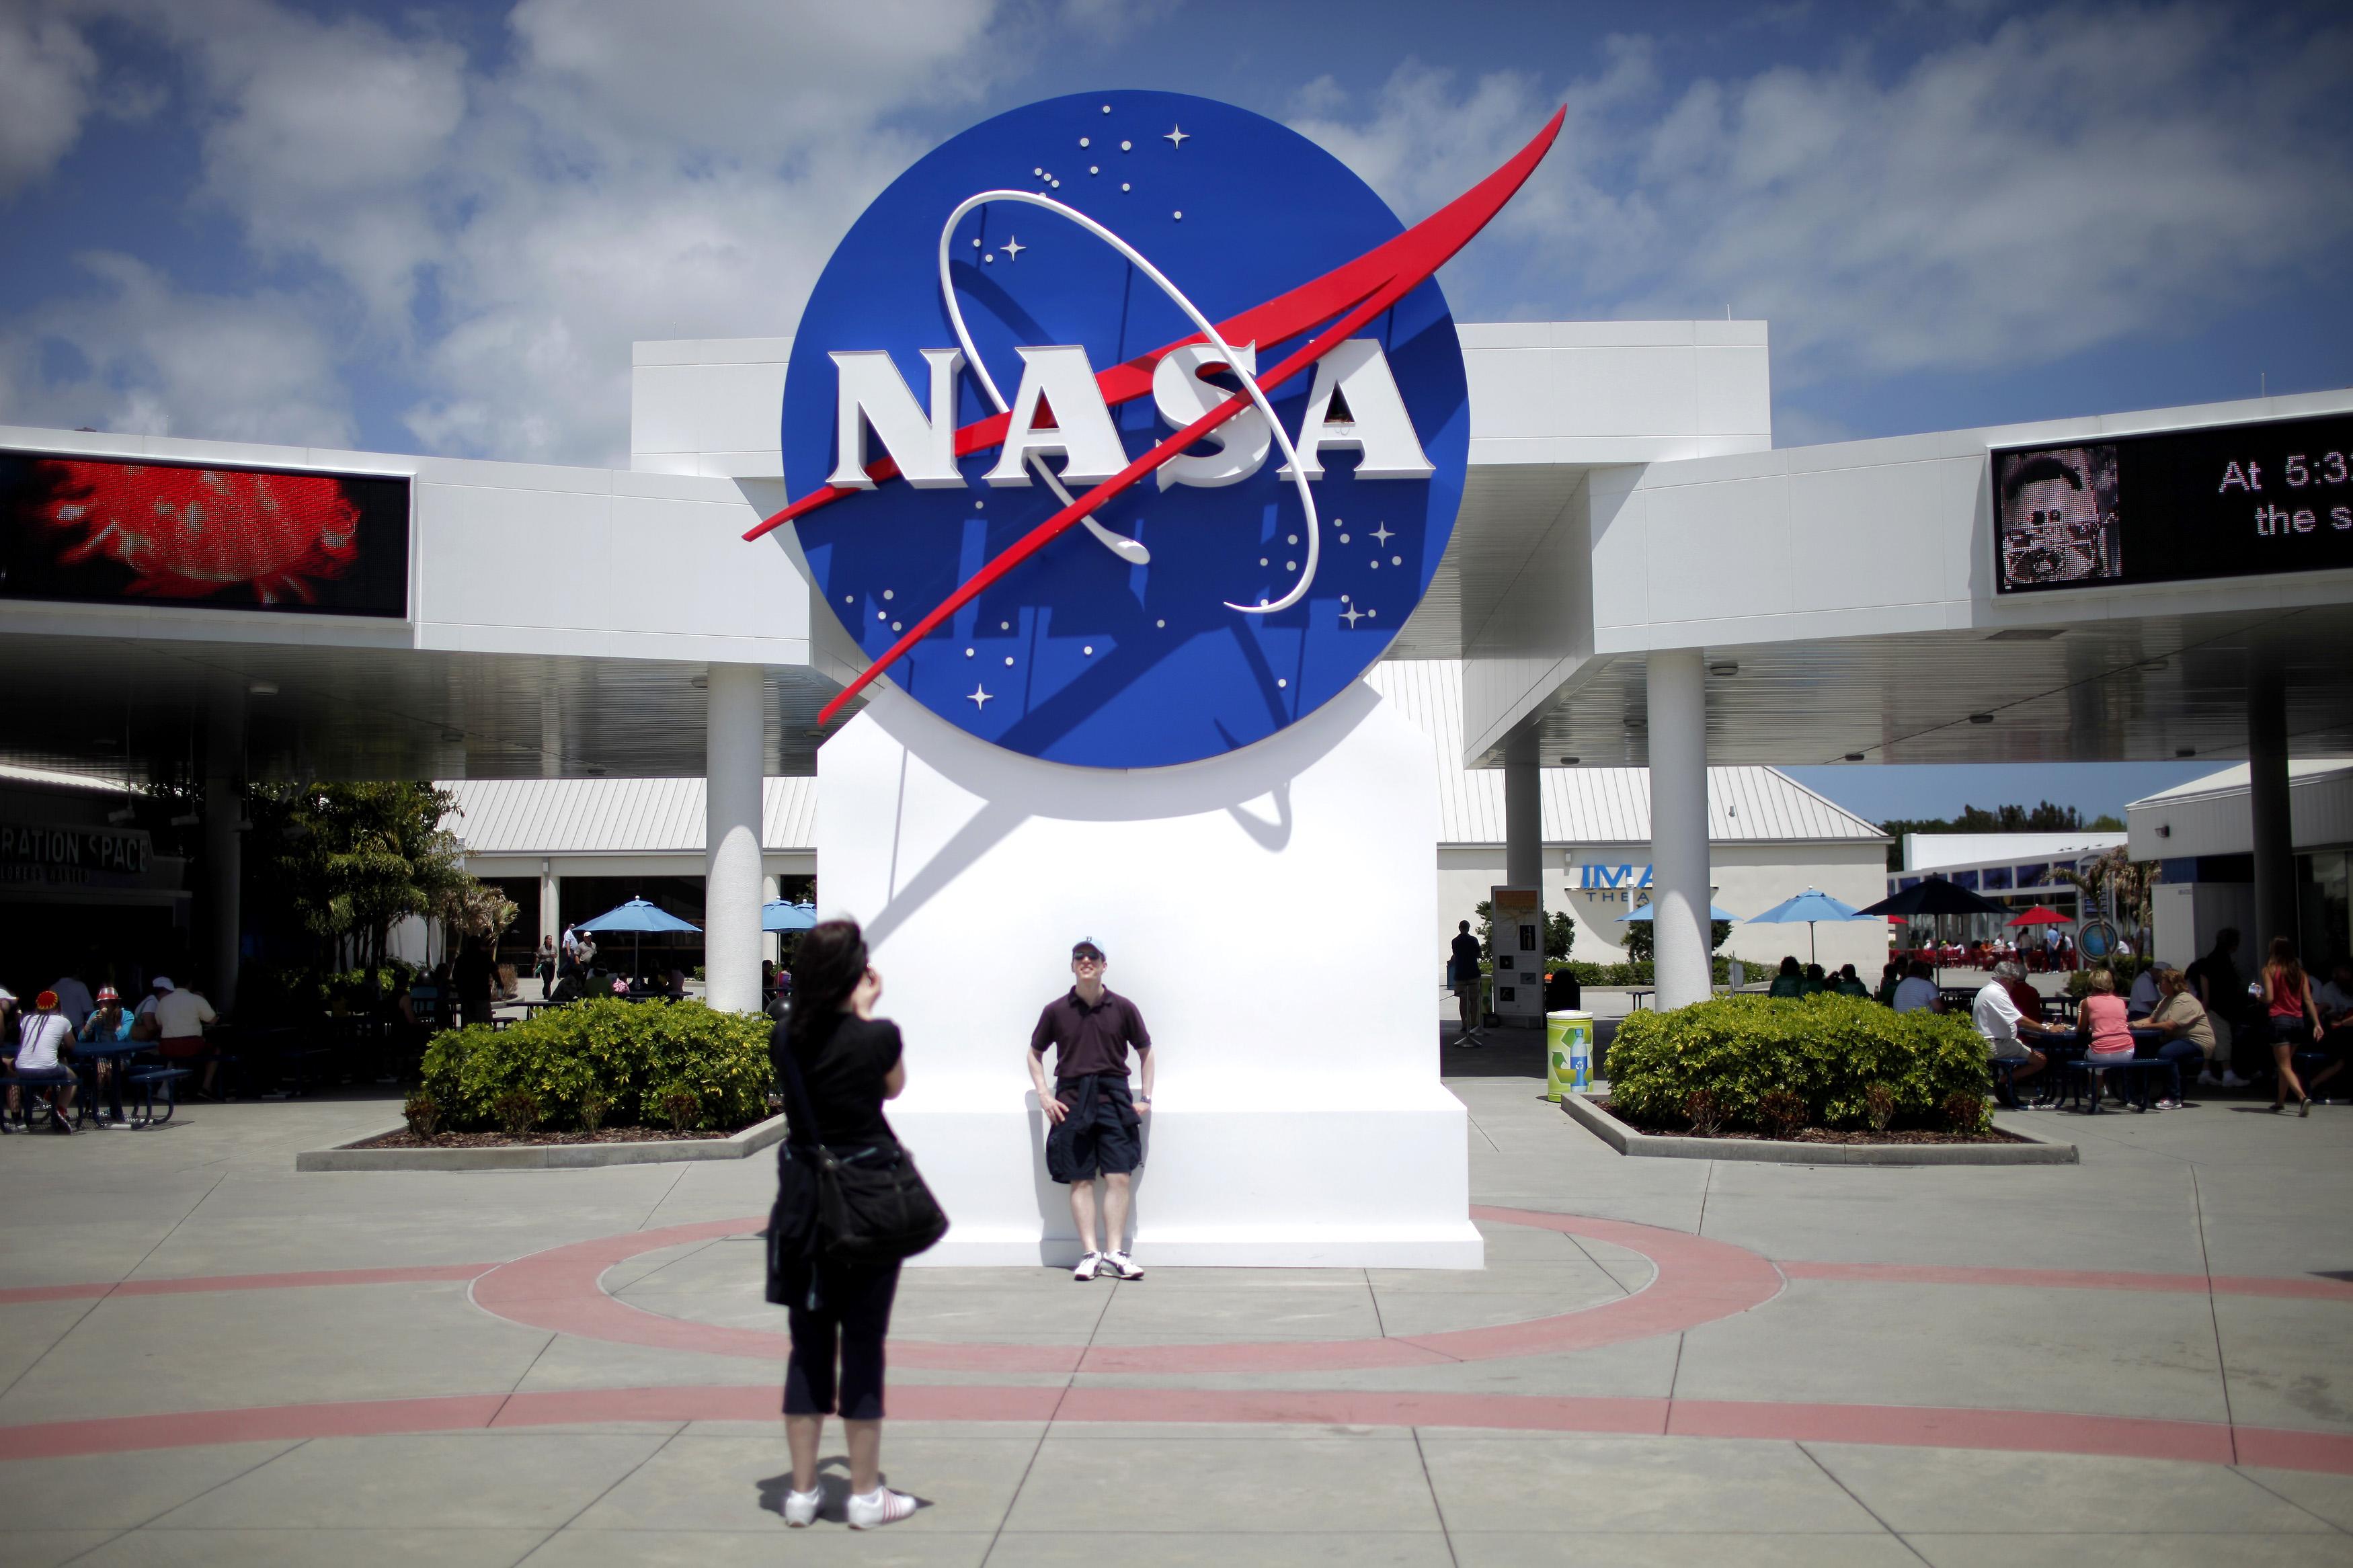 نتيجة بحث الصور عن ناسا